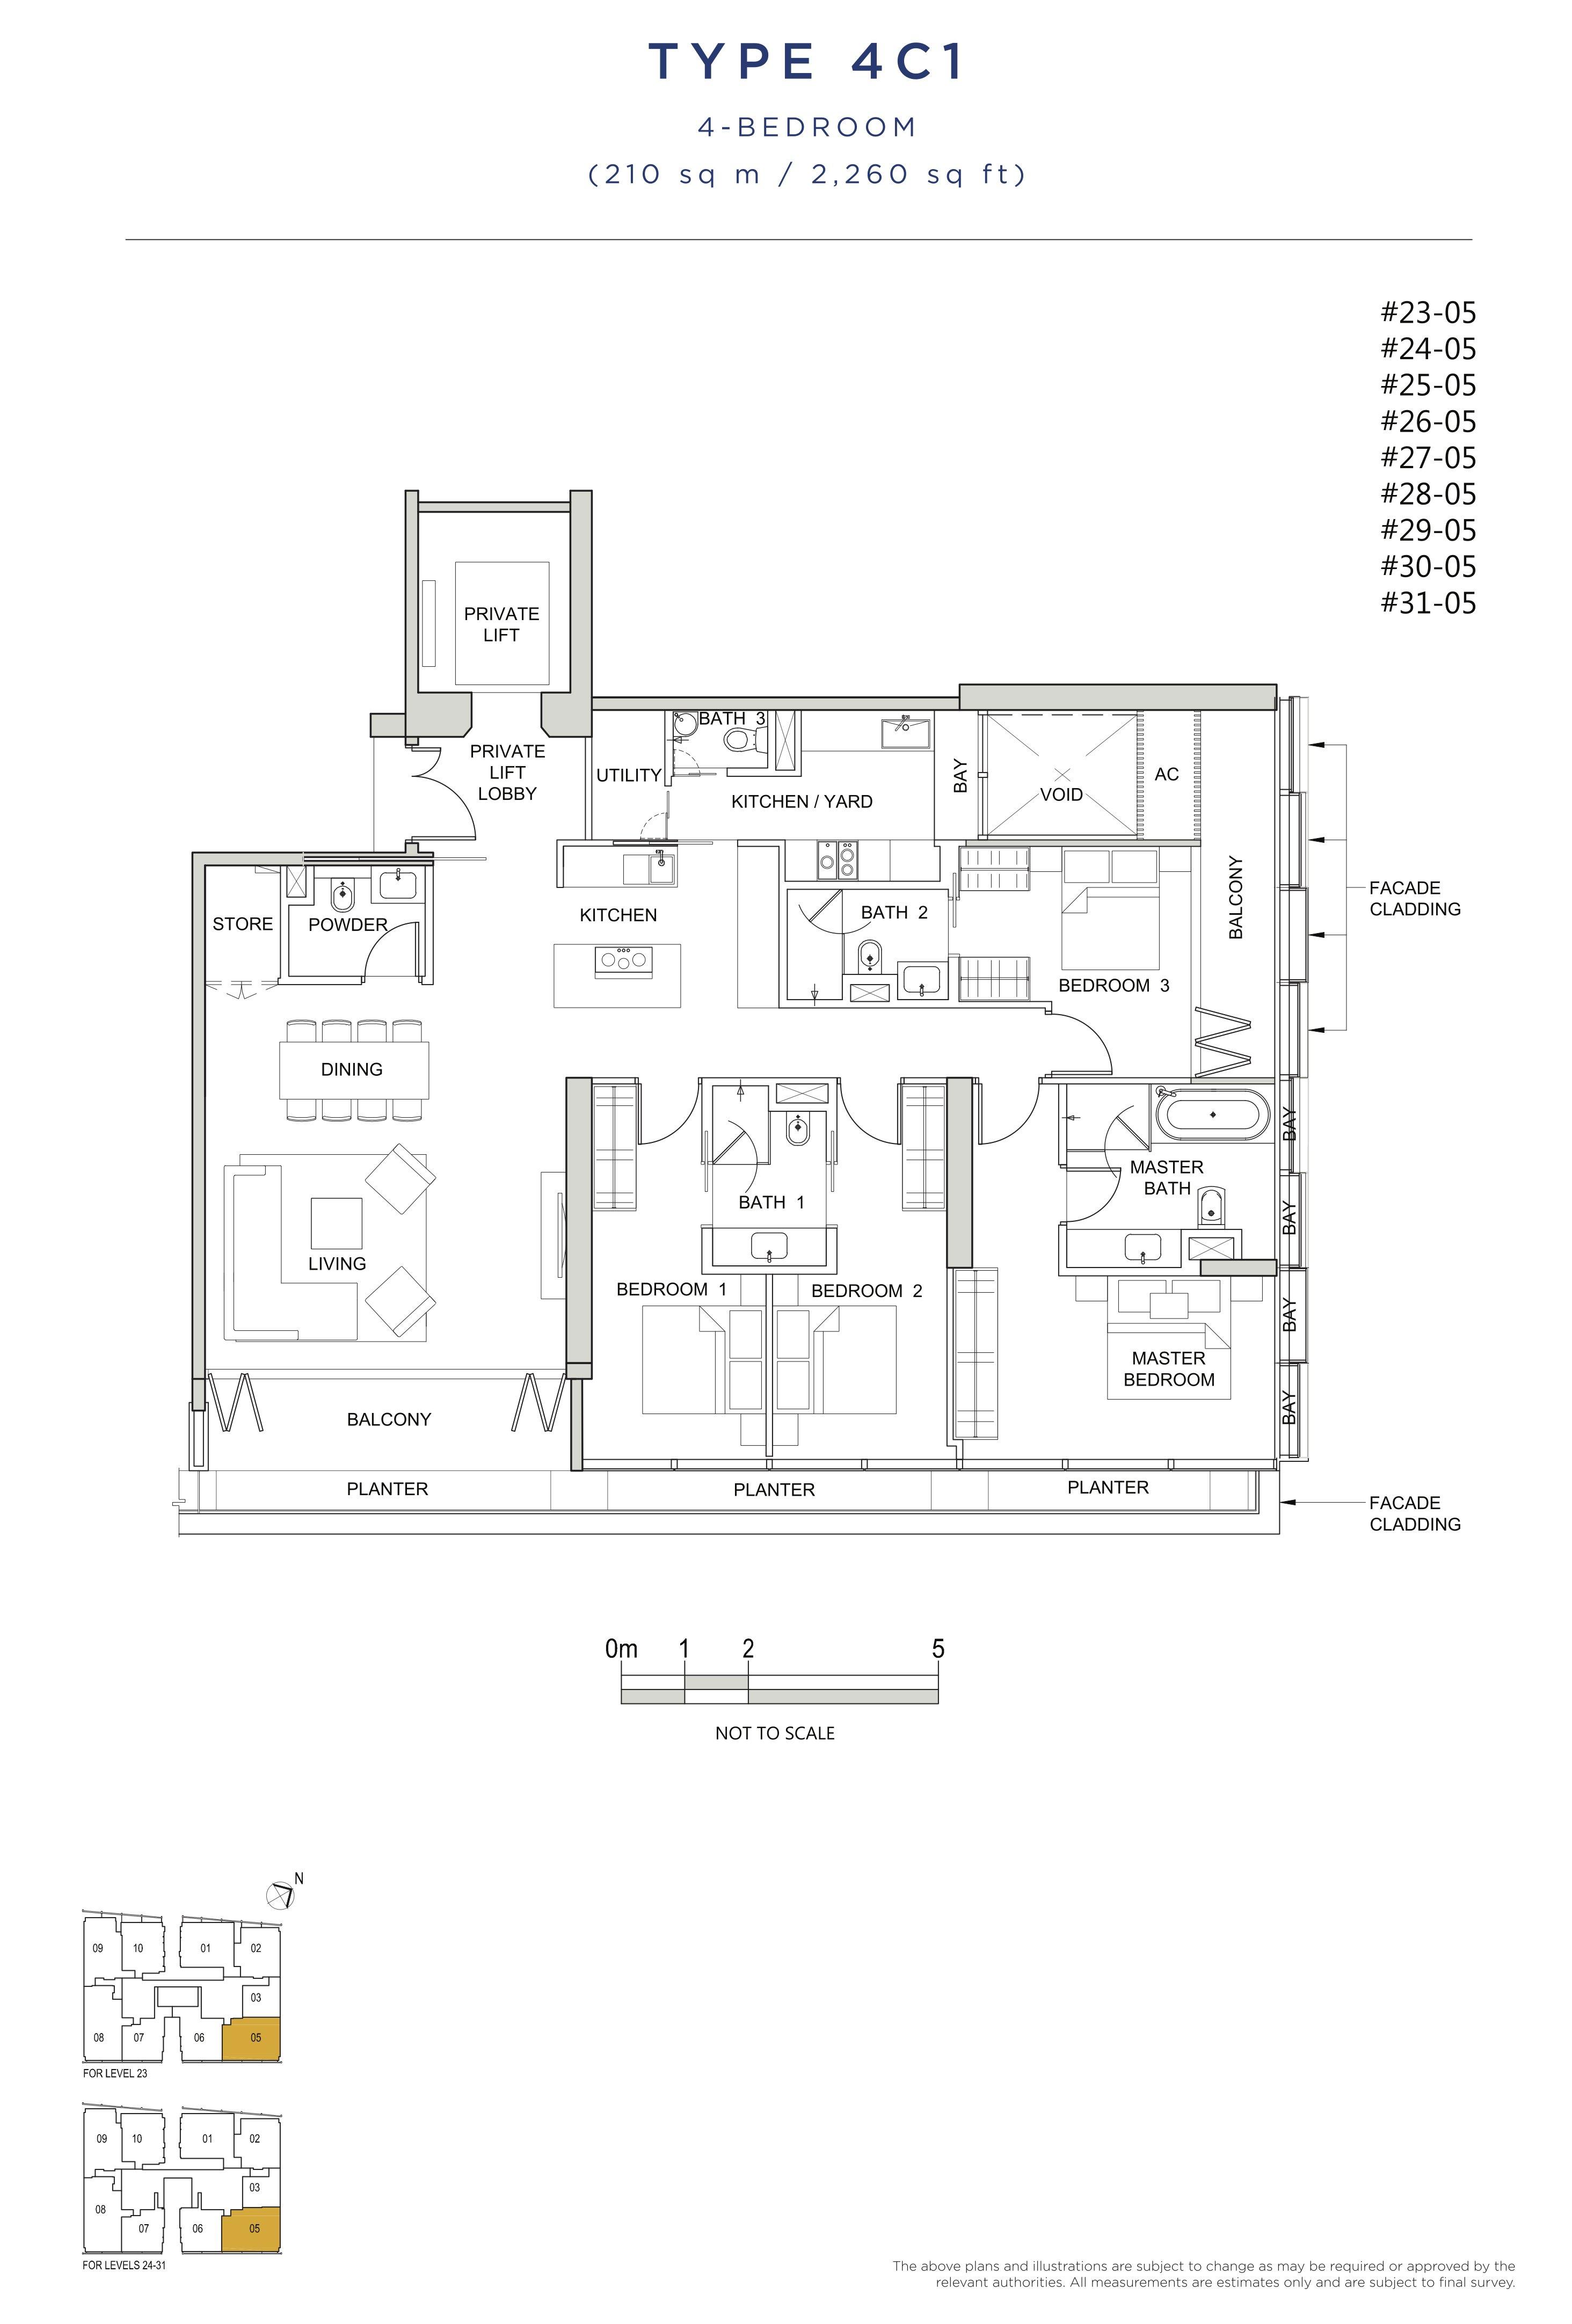 风华南岸府-South Beach Residences 公寓4 bedroom floor plan 4C1 4卧房单位户型图